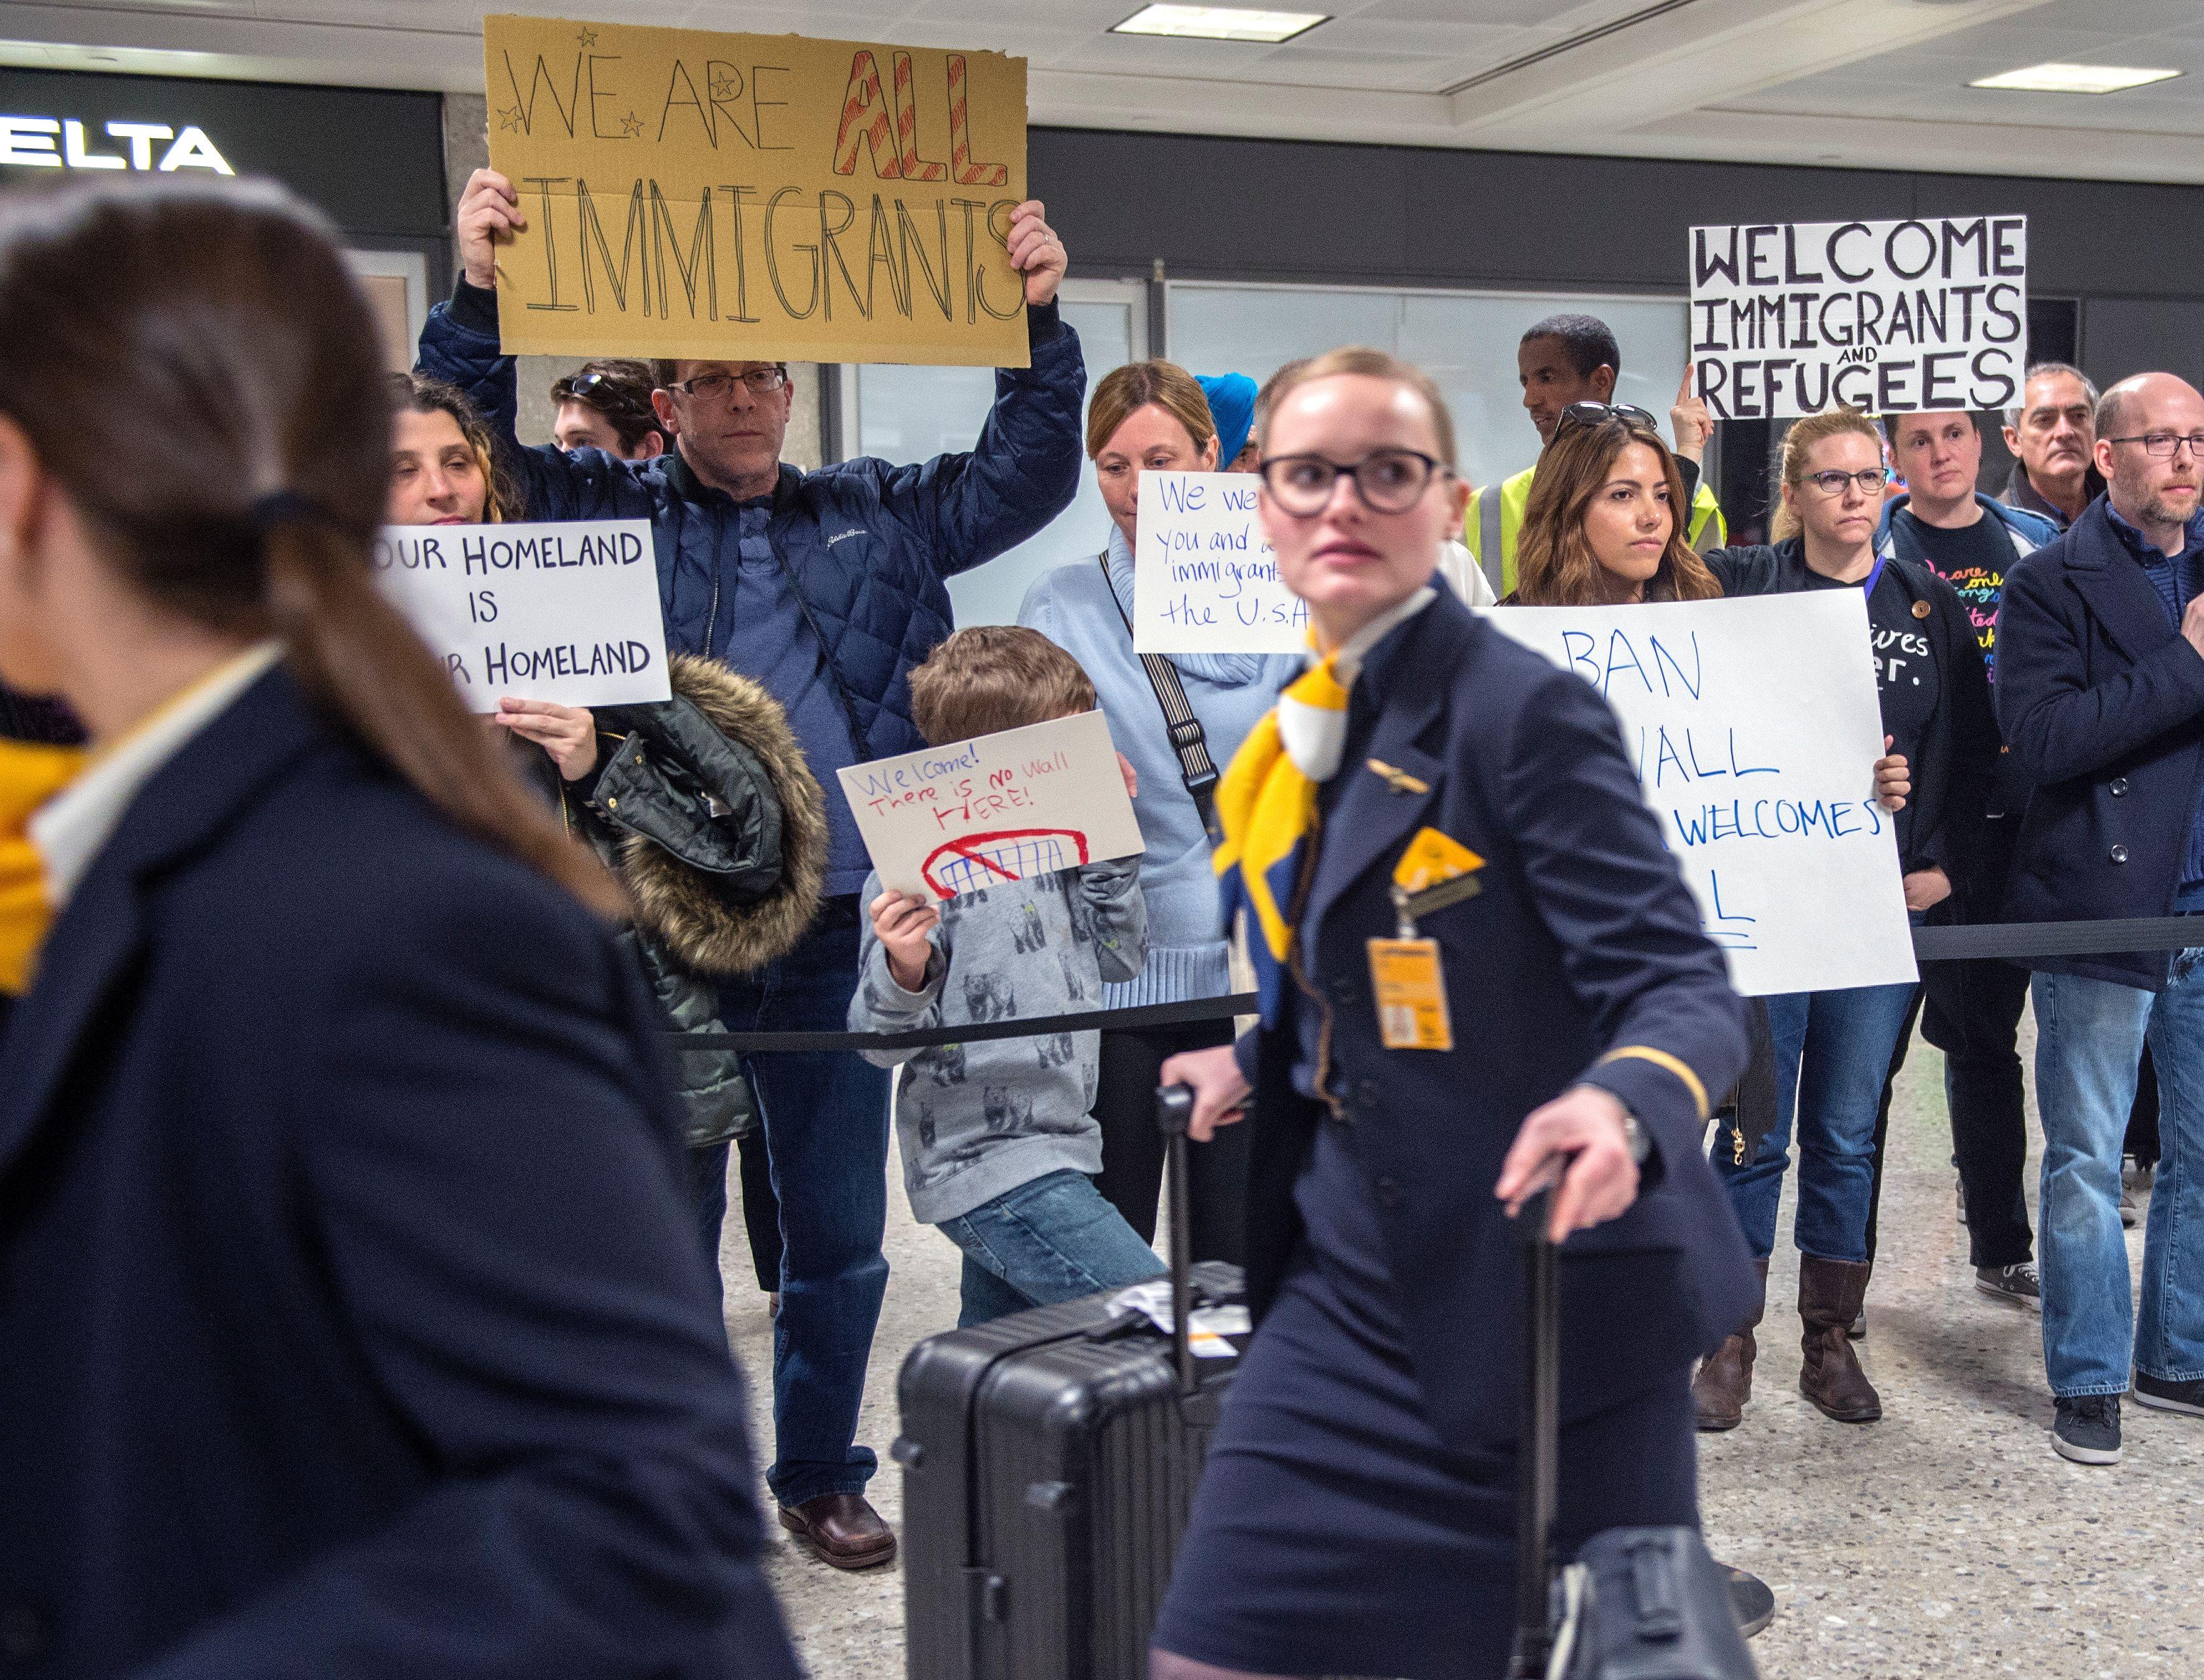 En el aeropuerto de Dulles, Virginia, también hubo protestas.